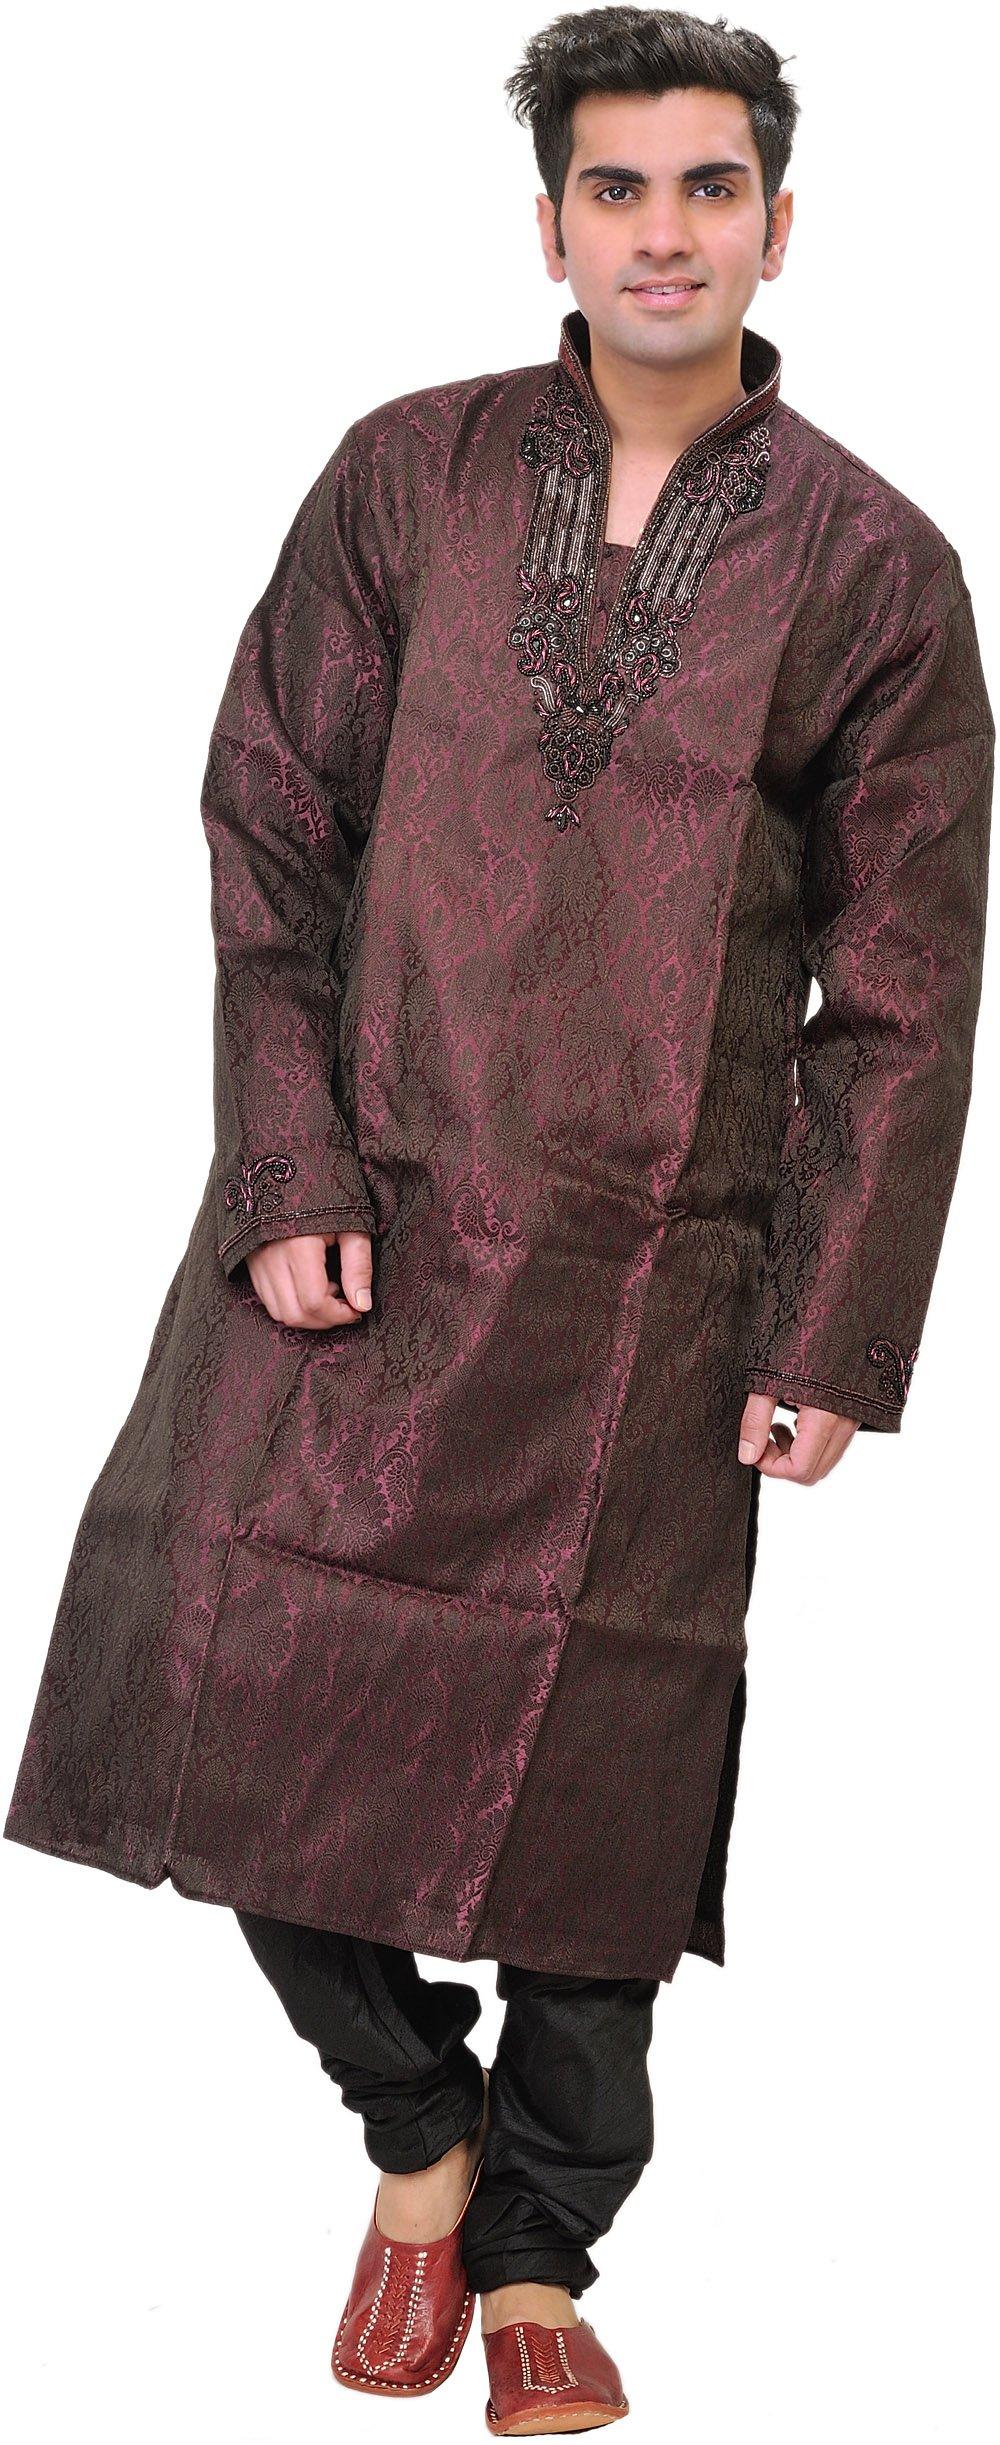 Exotic India tulipwood Self-Weave Wedding Kurt - Purple Size 38 by Exotic India